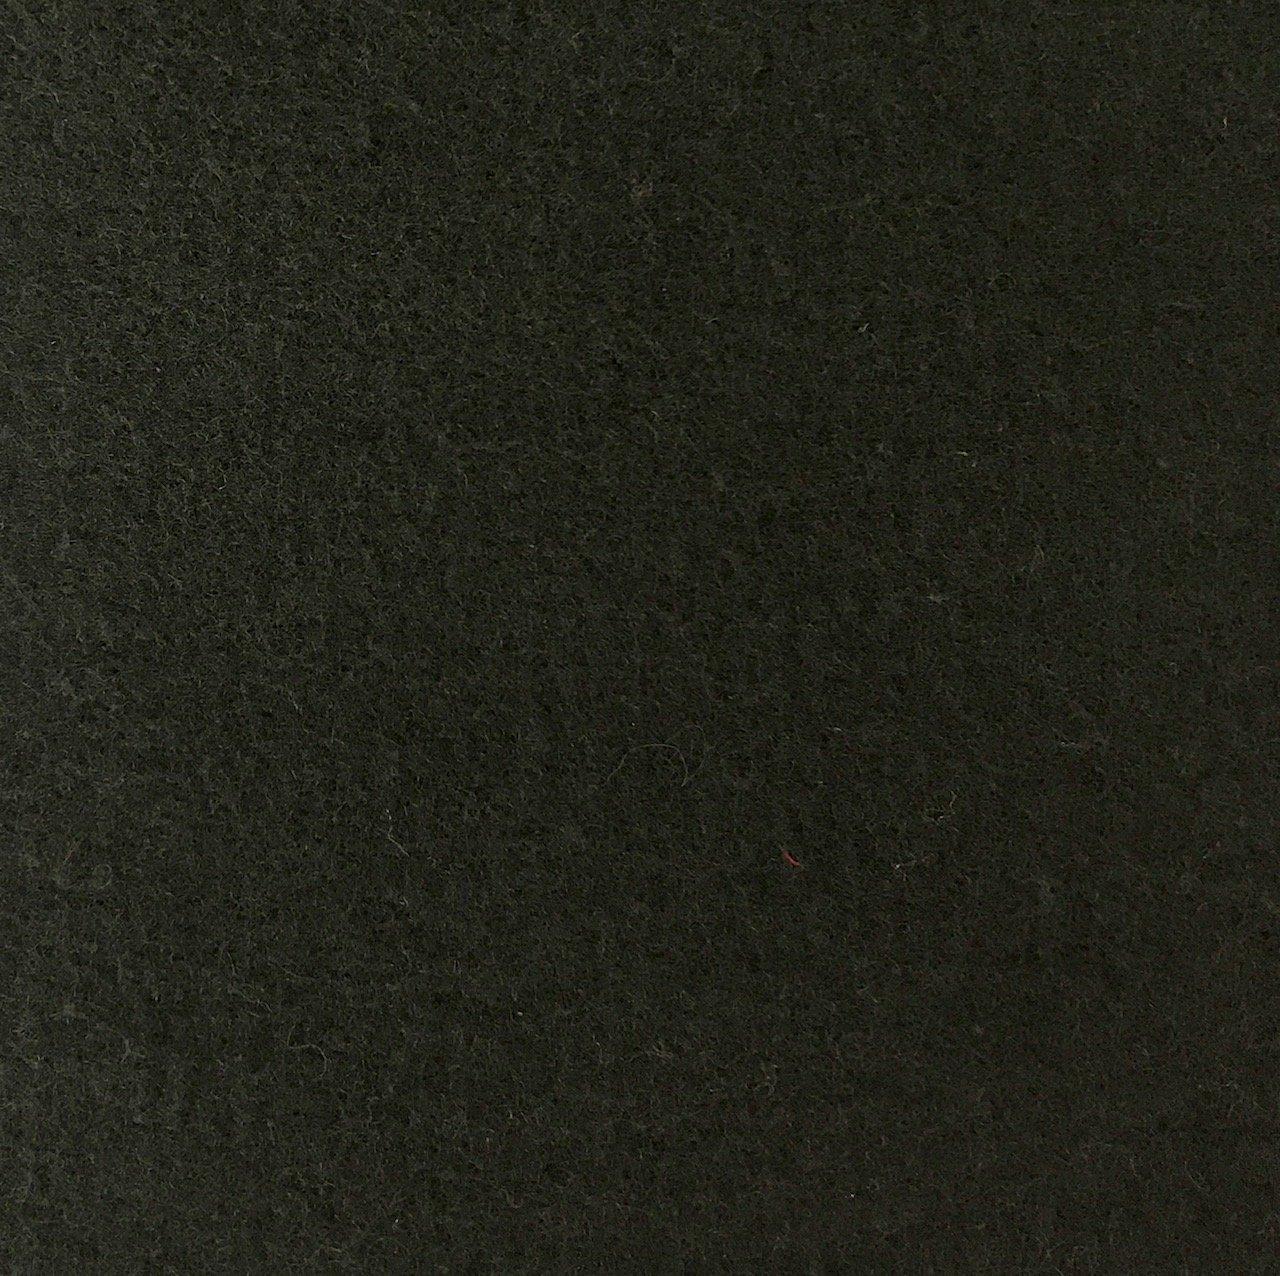 Wool Blend -  Olive Tweed